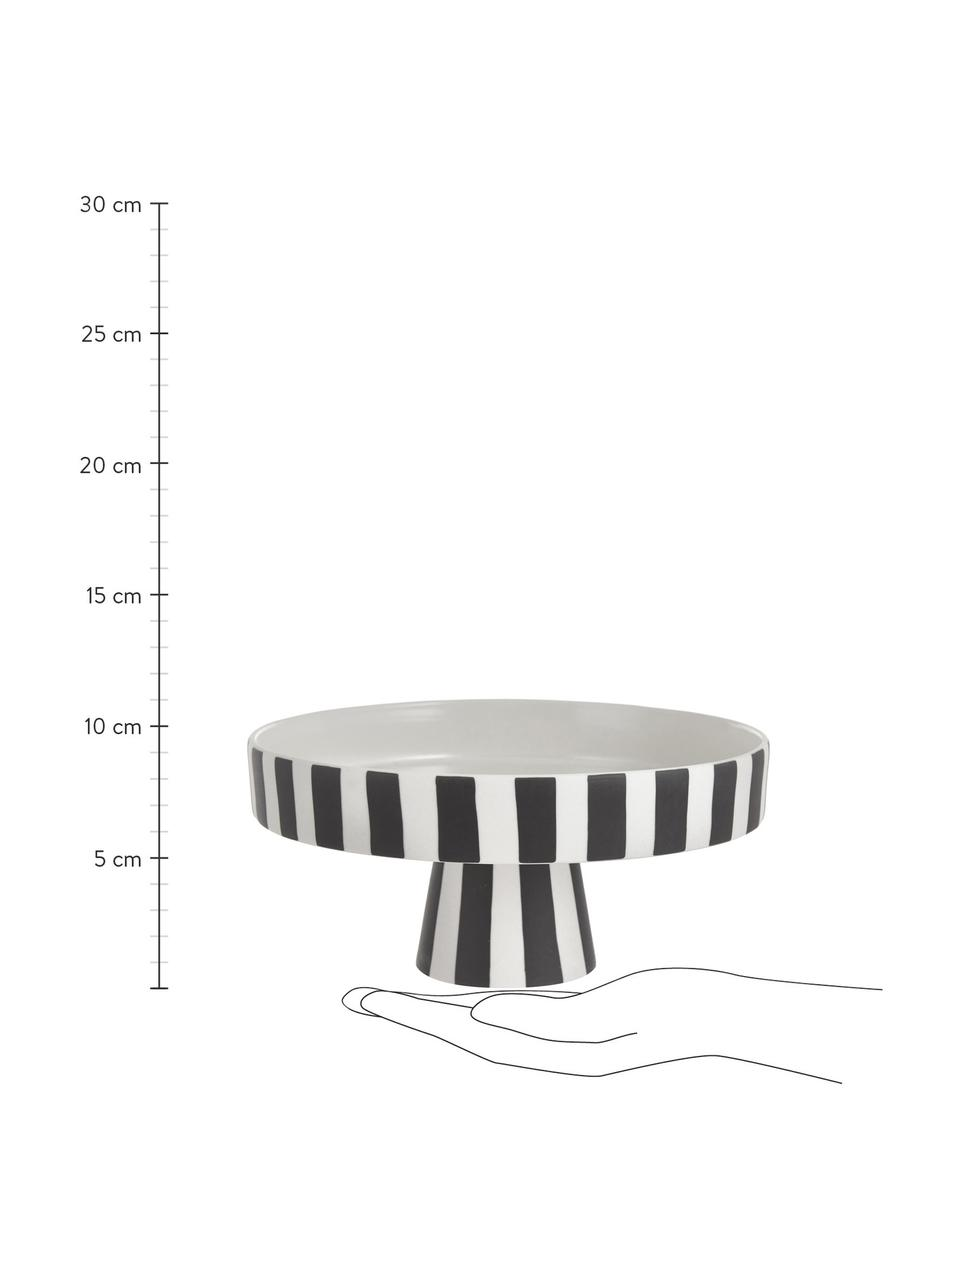 Keramik Servierplatte Toppu im Streifendesign, Ø 20 cm, Keramik, Weiß, Schwarz, Ø 20 x H 9 cm